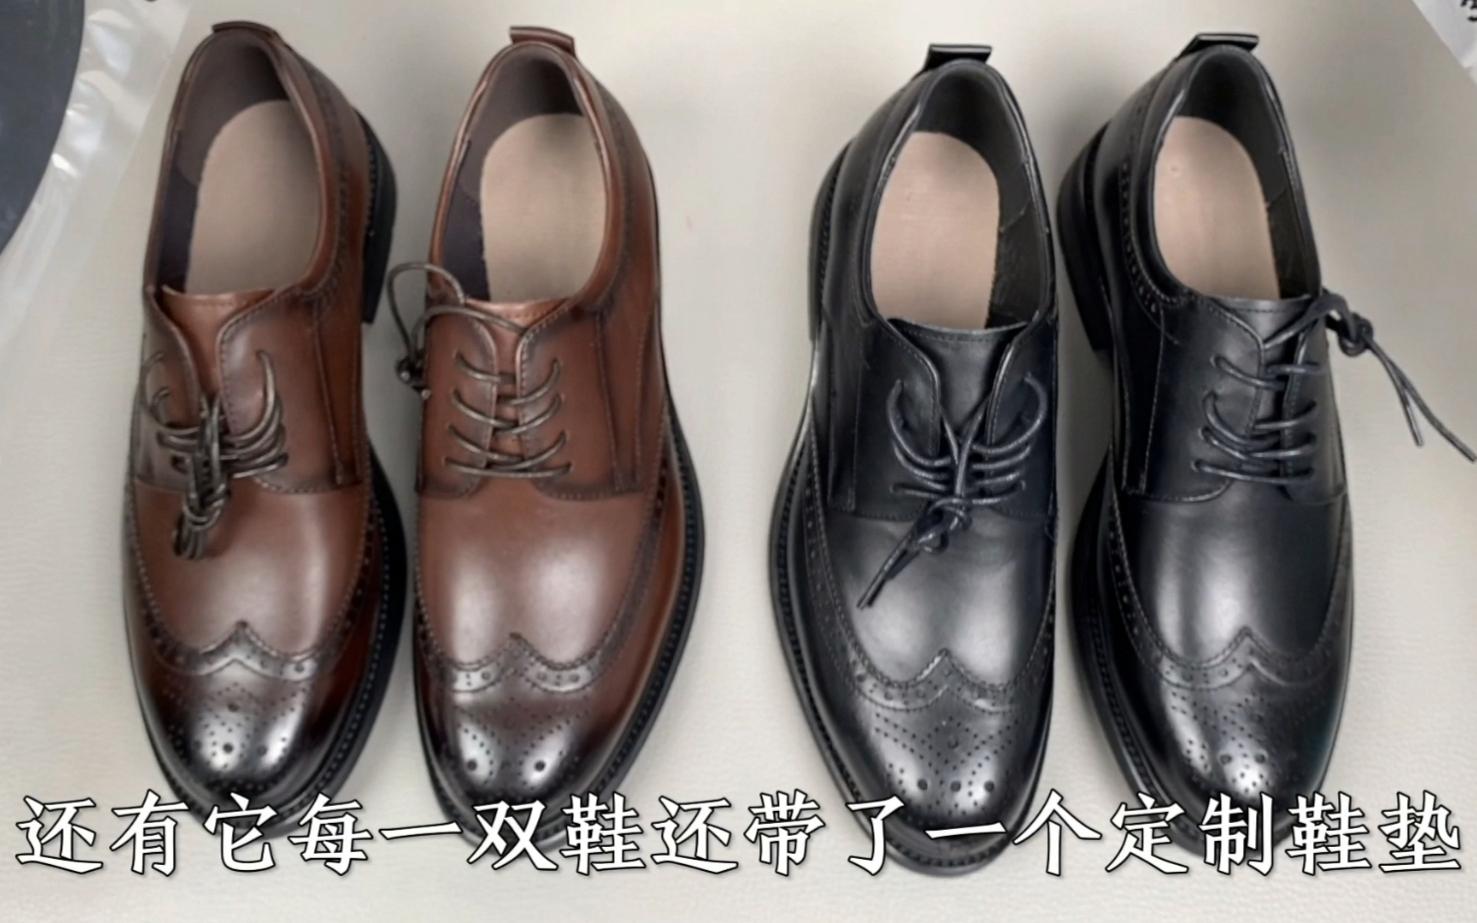 开箱499元小米AI皮鞋,3分钟,就可以拥有一双定制皮鞋,真假?